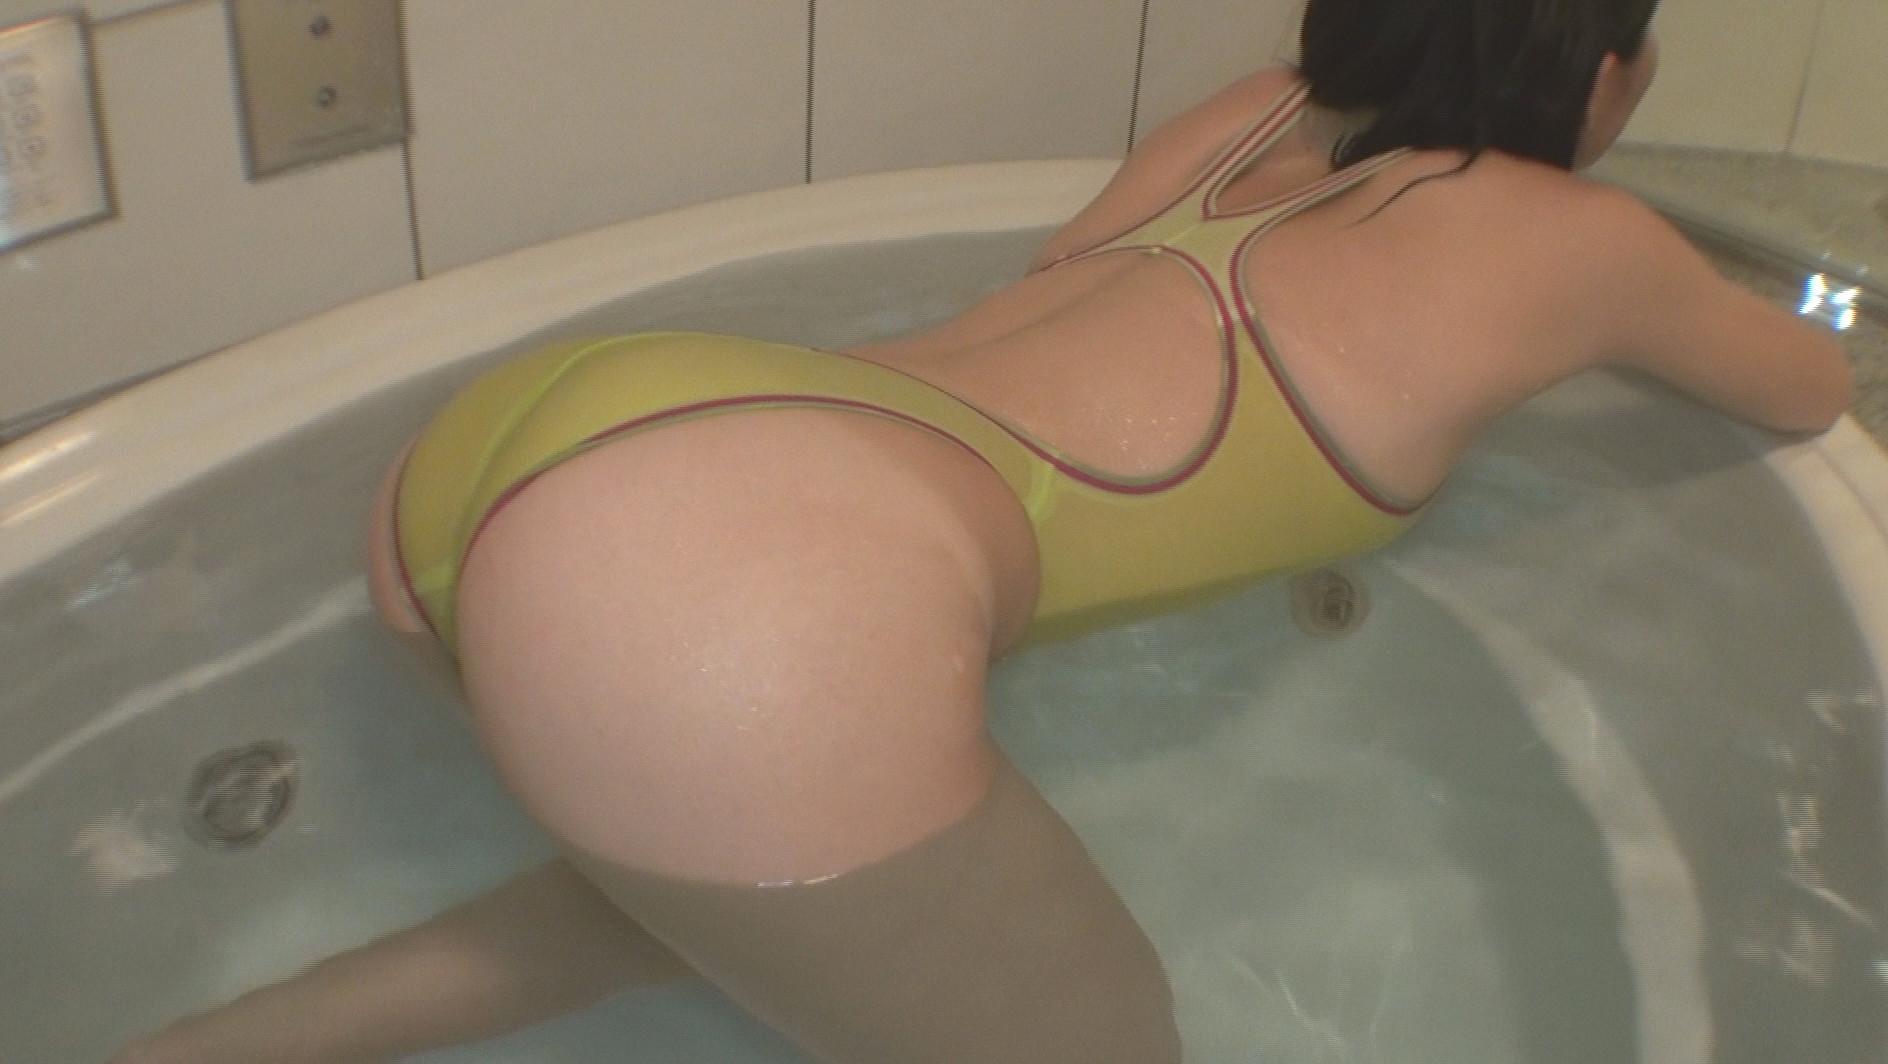 僕の彼女の競泳水着 奈緒24歳 プリケツなスポーツクラブアシスタントインストラクター 1 画像19